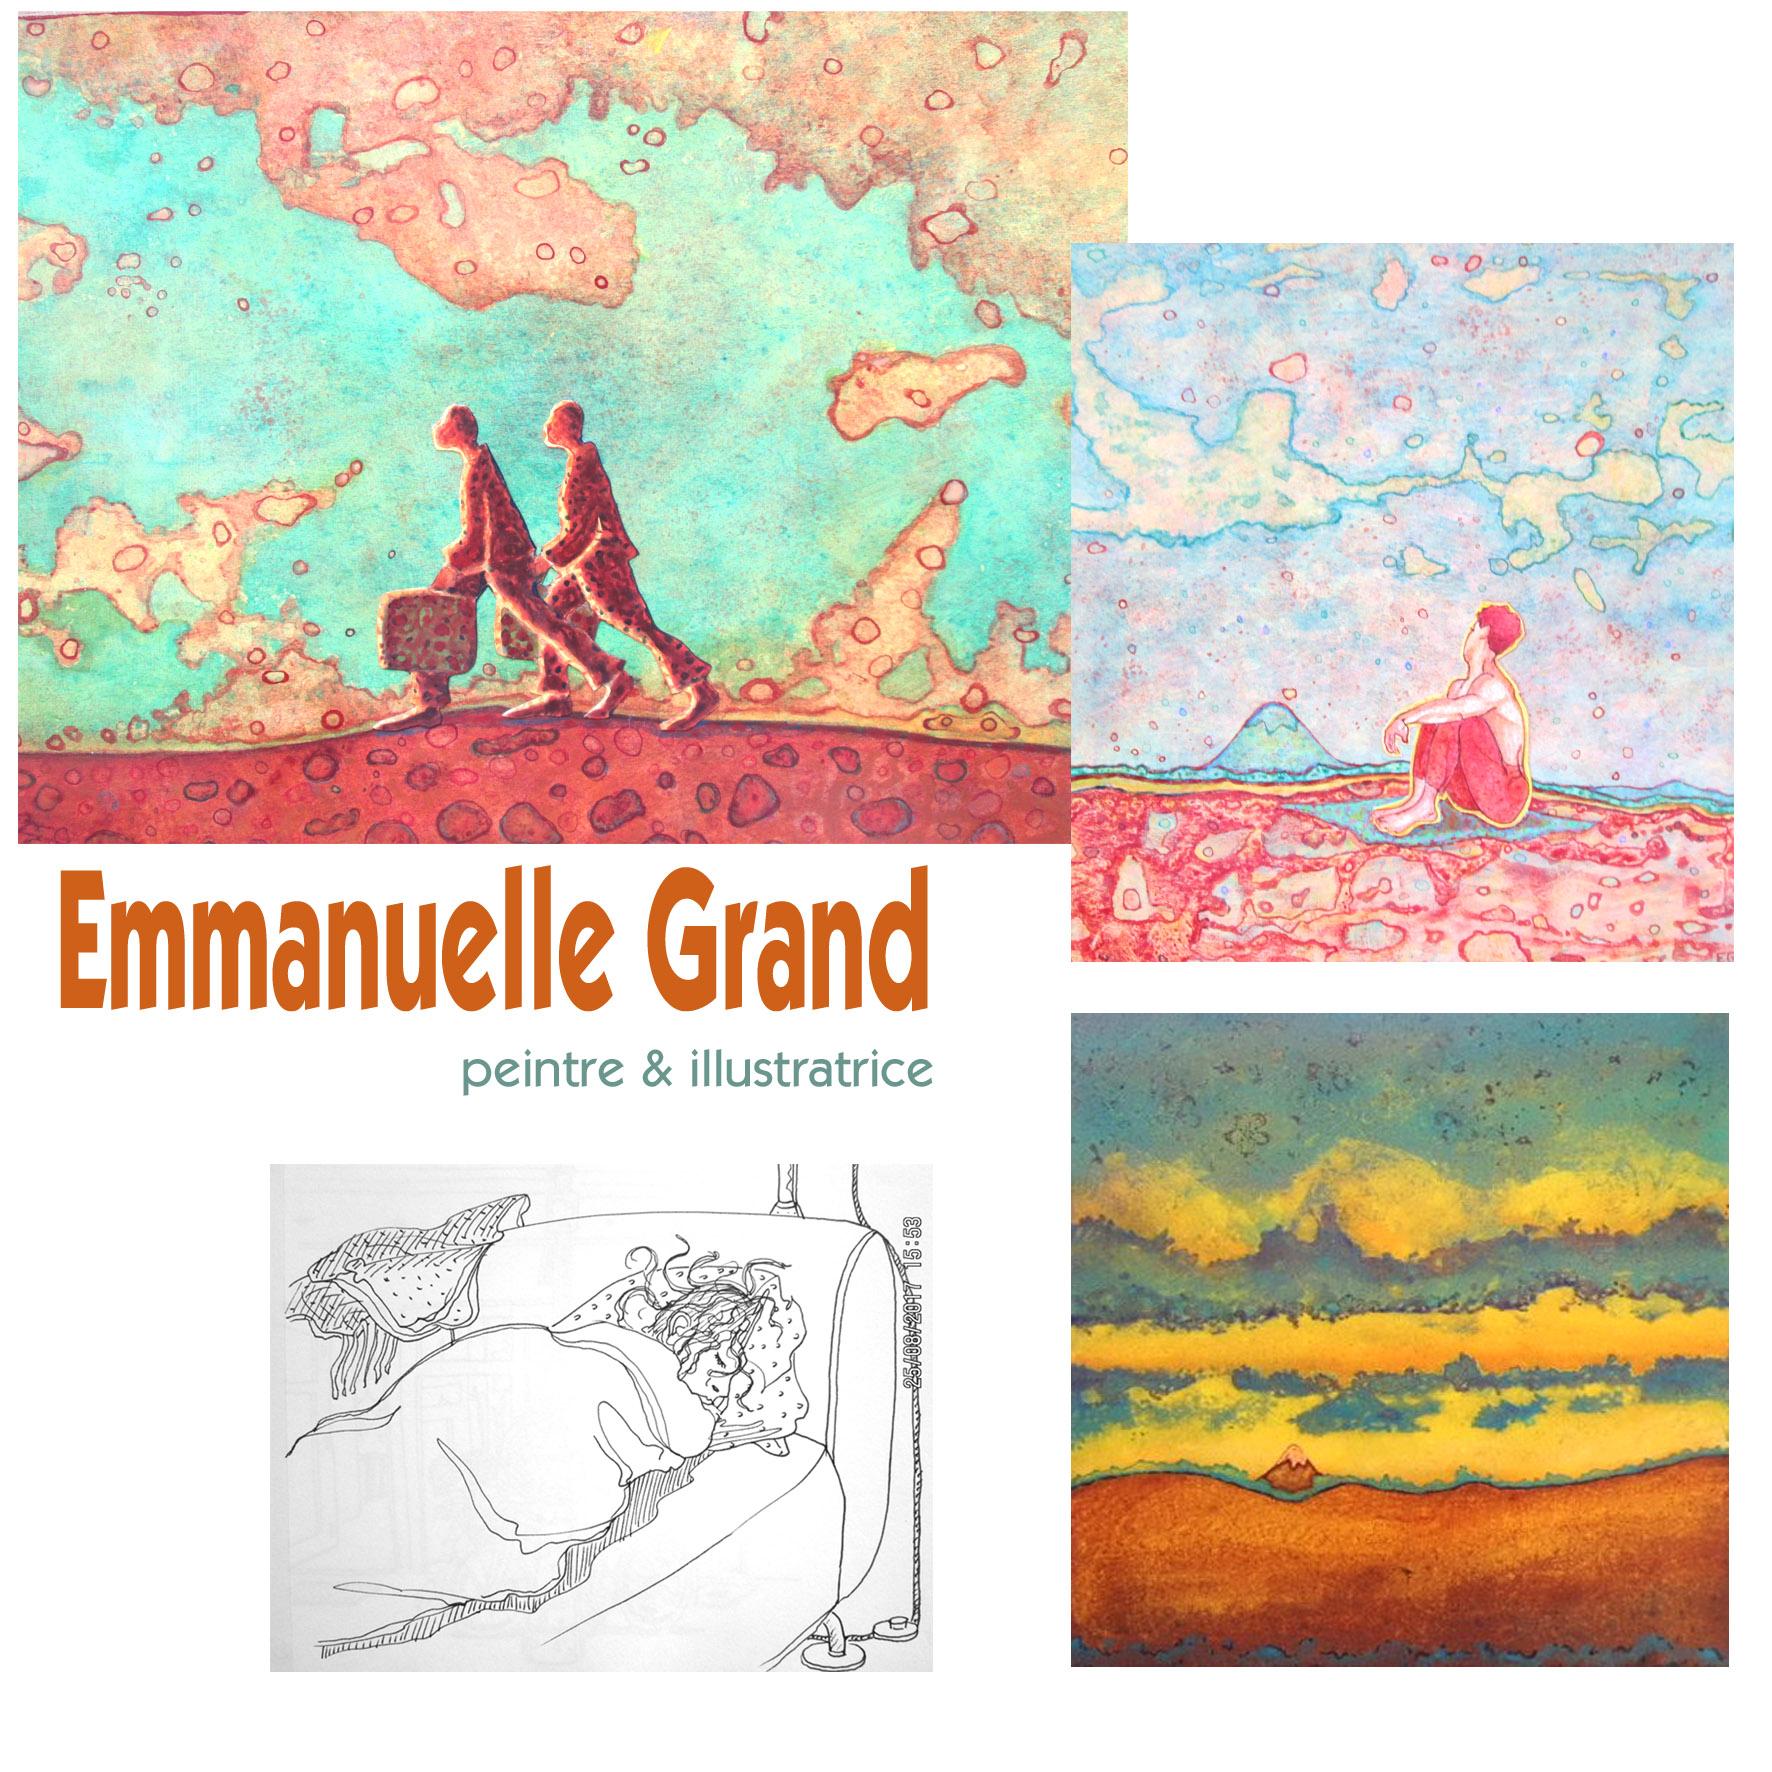 2018-Emmanuelle Grand Peintre & Illustratrice